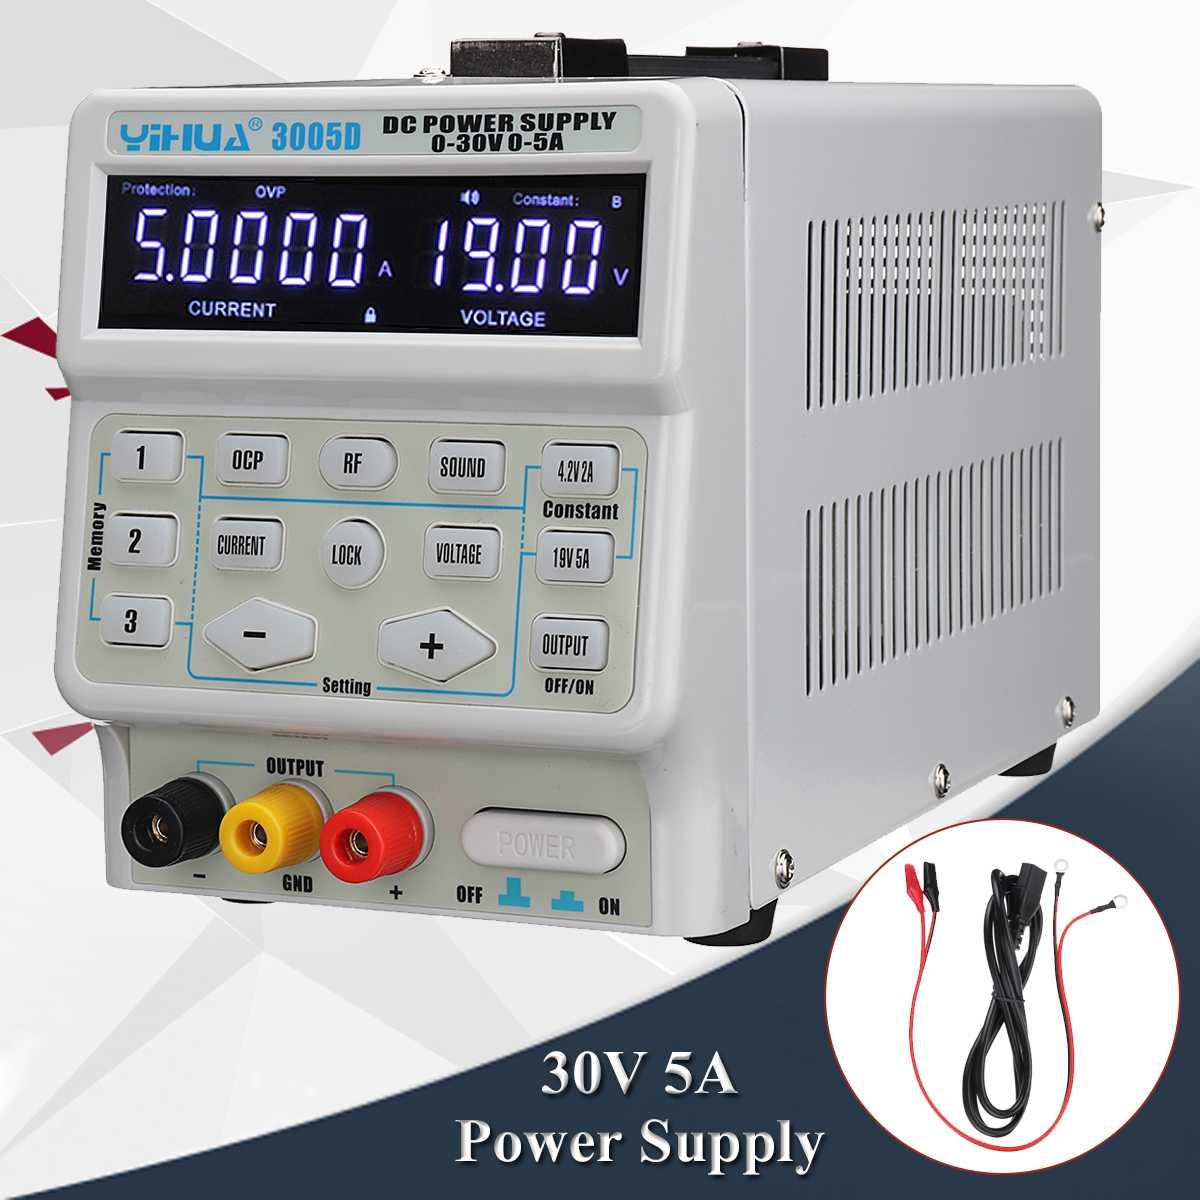 30 V 5A Digital DC Interruptor de Alimentação Professional 110 V/220 V Precisão Variável Dupla Digital DC Ajustável fonte de Alimentação